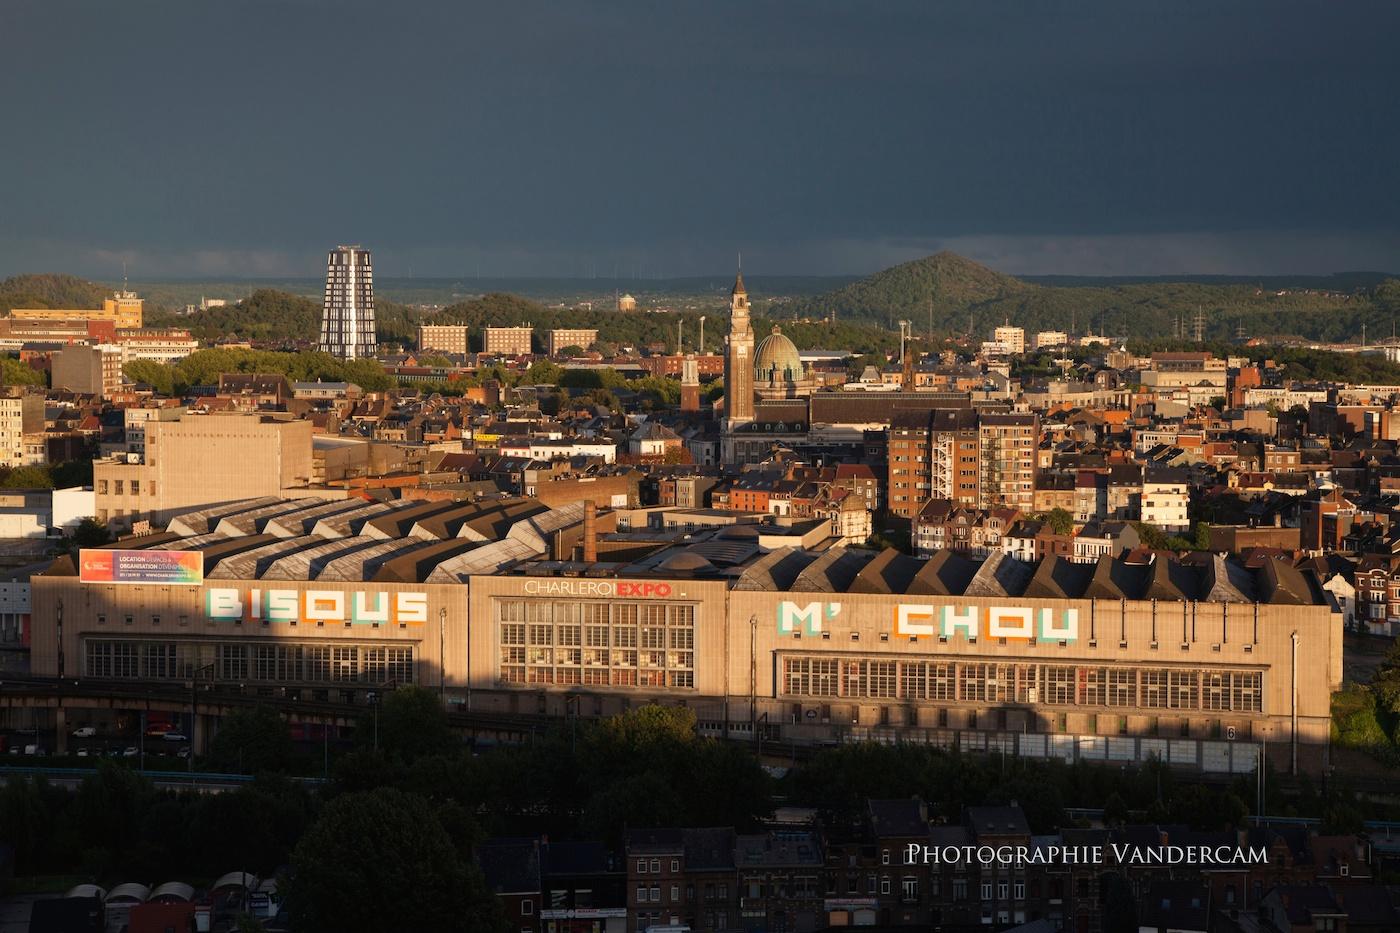 Ciel sombre sur Charleroi